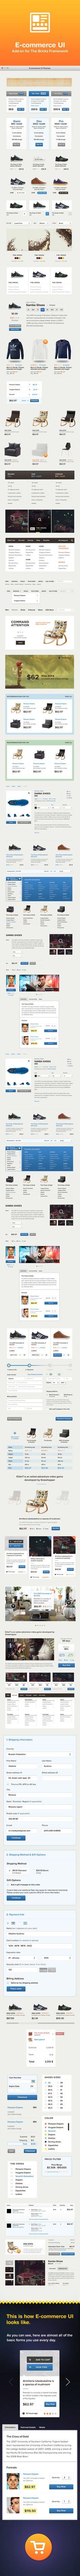 E-commerce UI – User Interface Kit